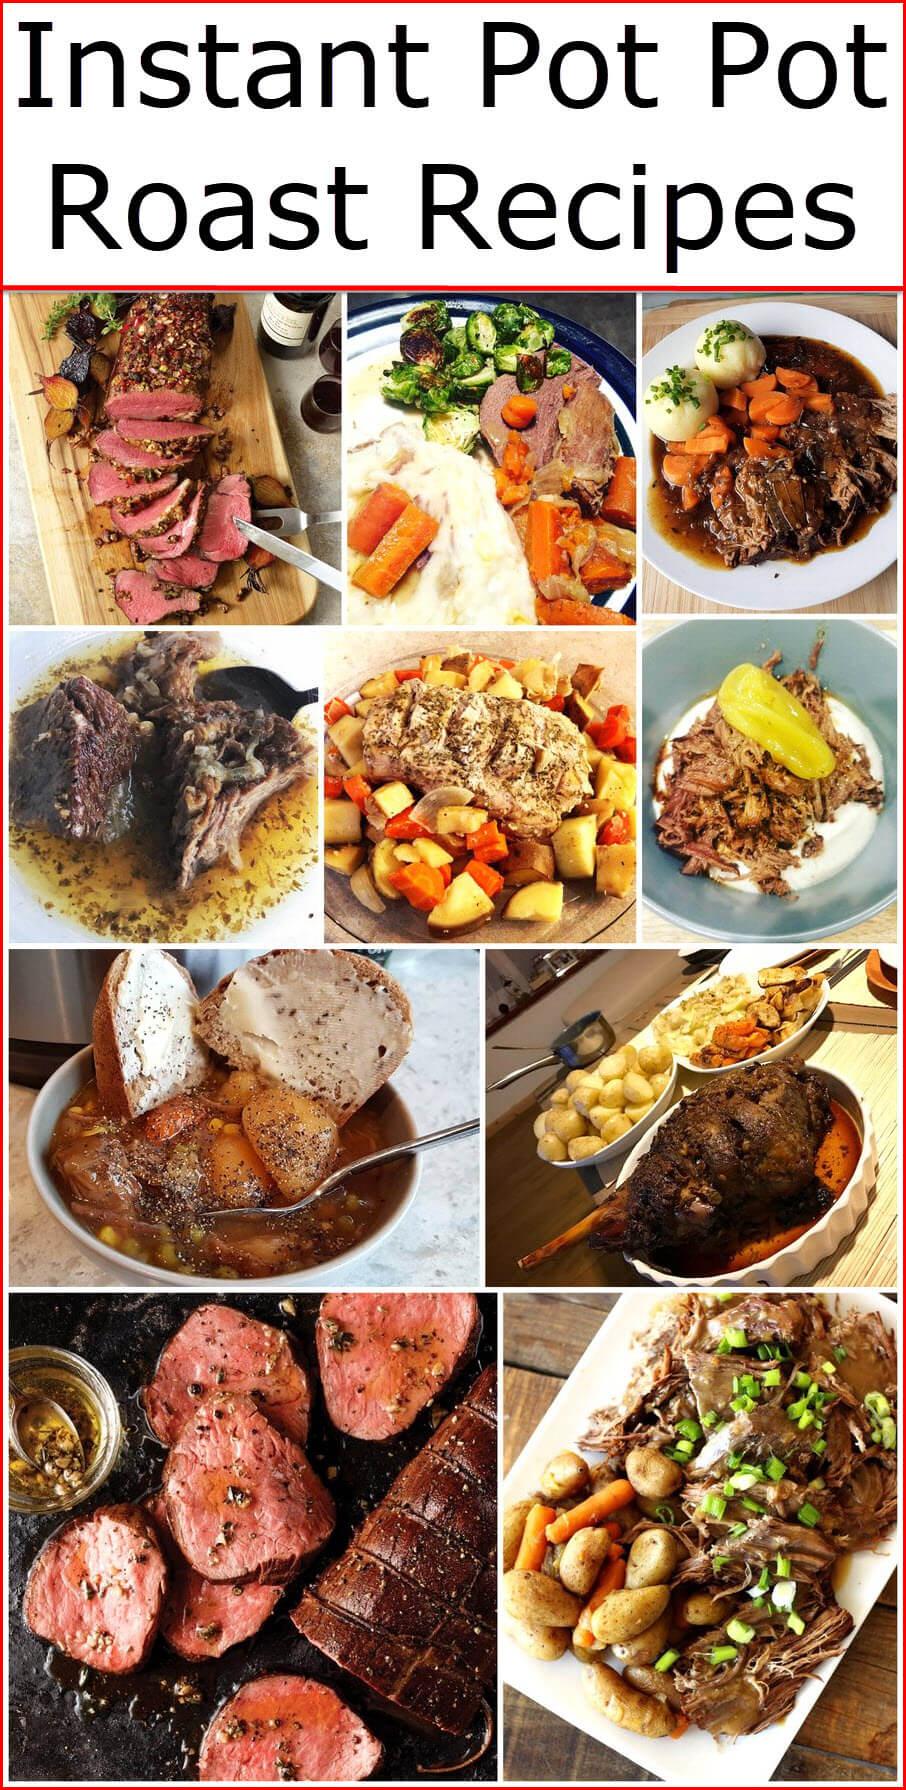 Instant Pot Pot Roast Recipes Instant Pot Recipes Most Popular And Easy Insta Pot Recipes